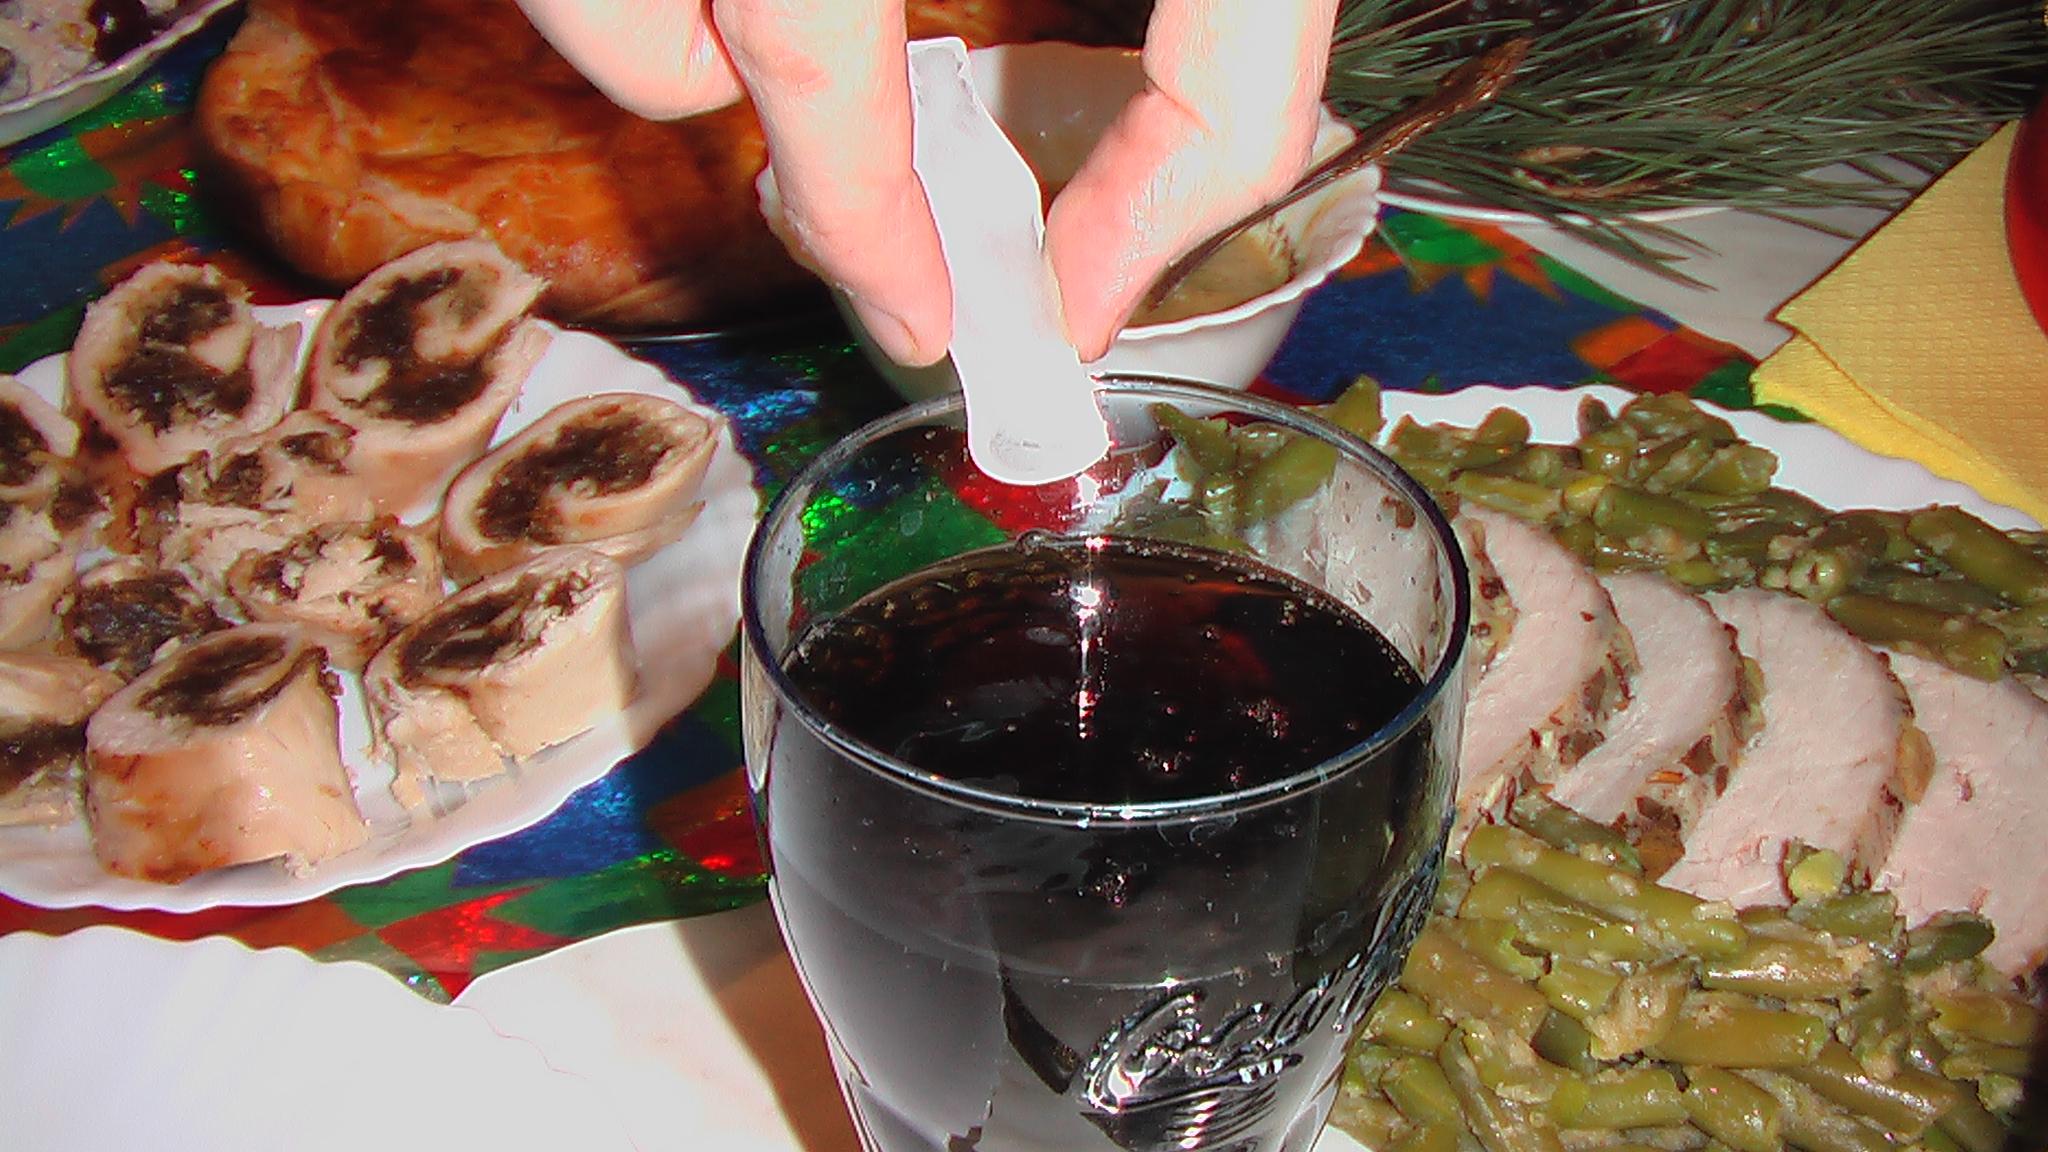 Приготовление энергетического напитка из кока-колы дома